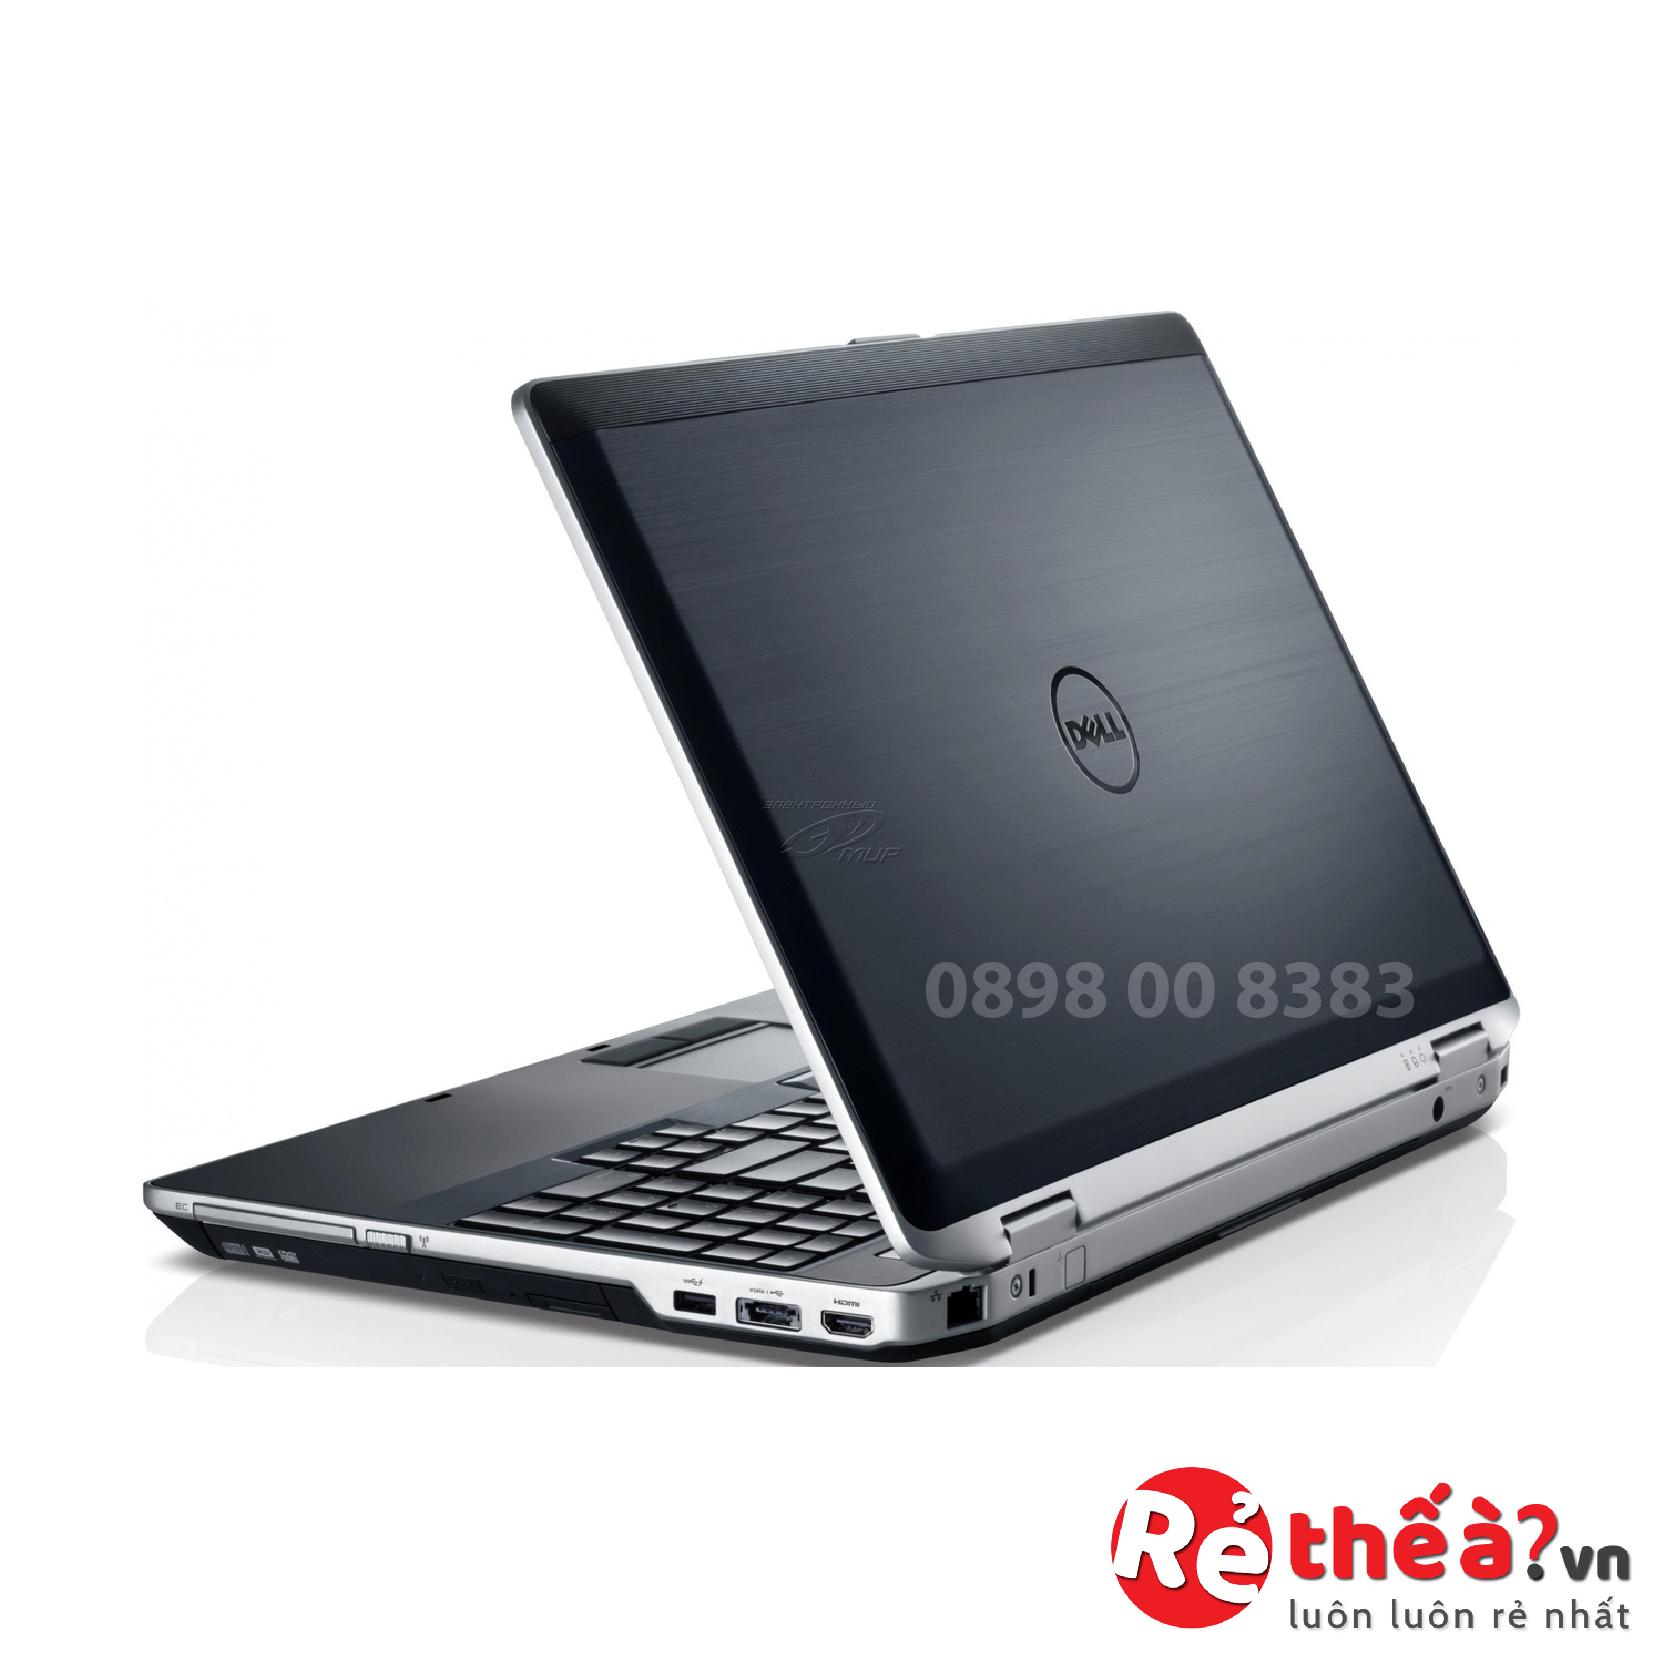 Laptop Dell Latitude E6530